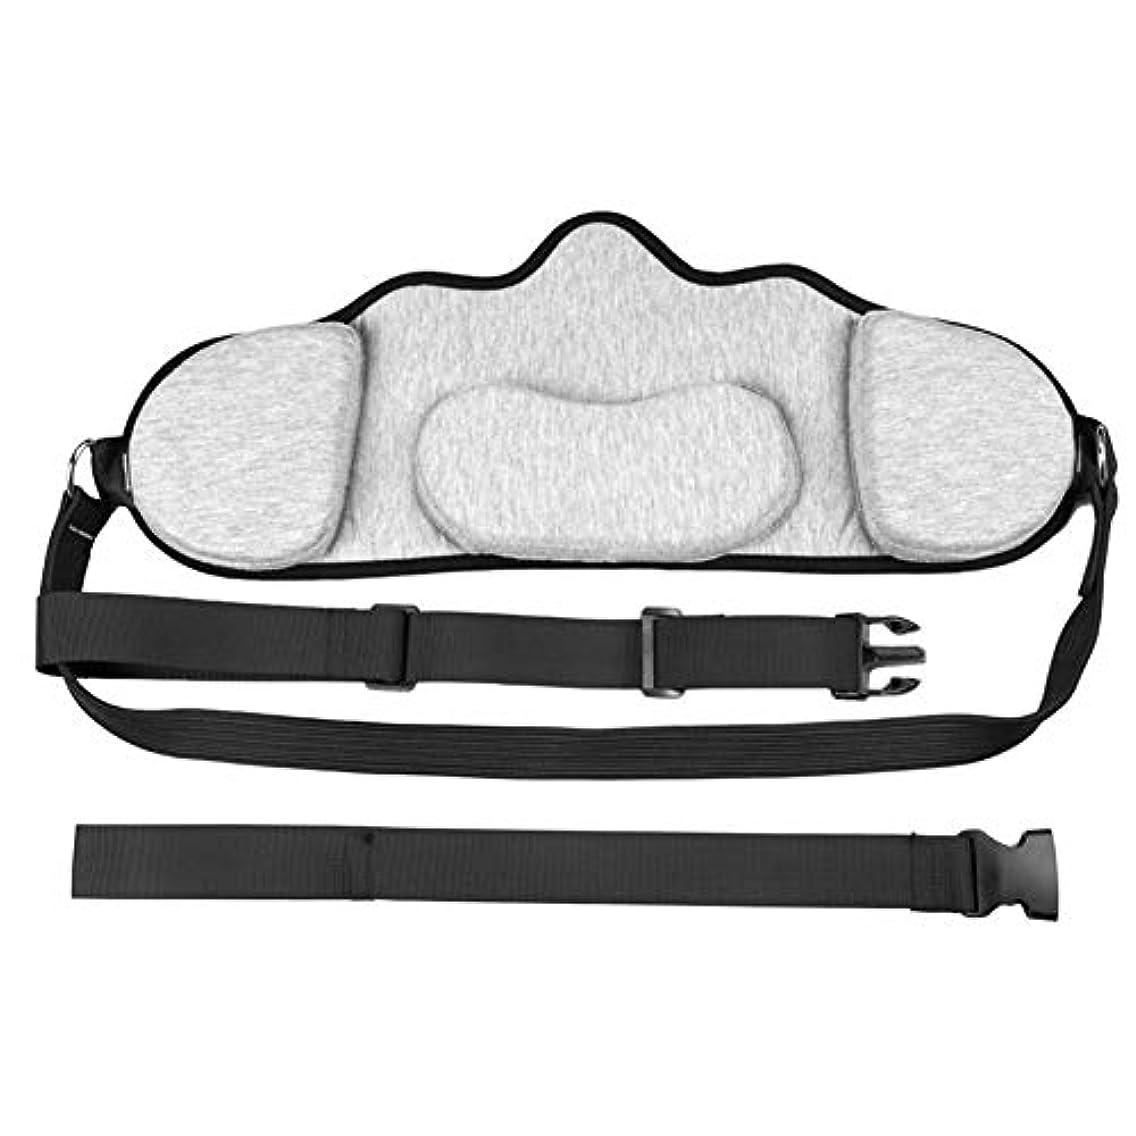 重大する演じる2パック耐久性のあるポータブル首牽引&リラクゼーションハンモック、オフィスワーカーのドライバーのためのセルフマッサージャーと肩の痛みサポーターを持つ人はリラックスデバイス